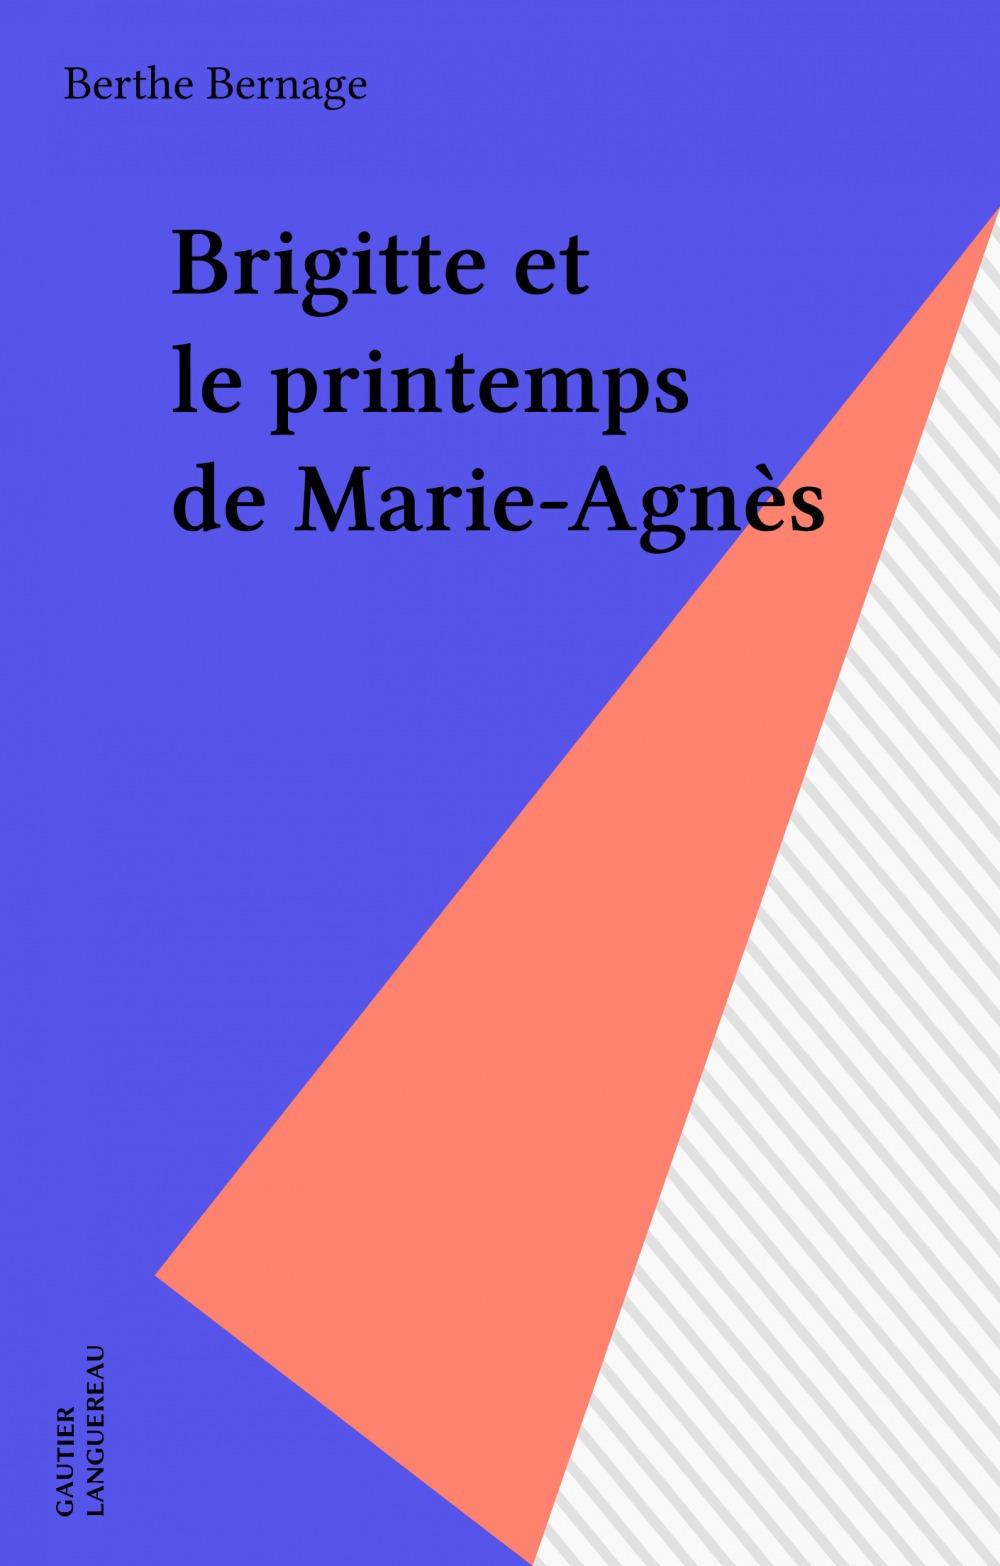 Brigitte et le printemps de Marie-Agnès